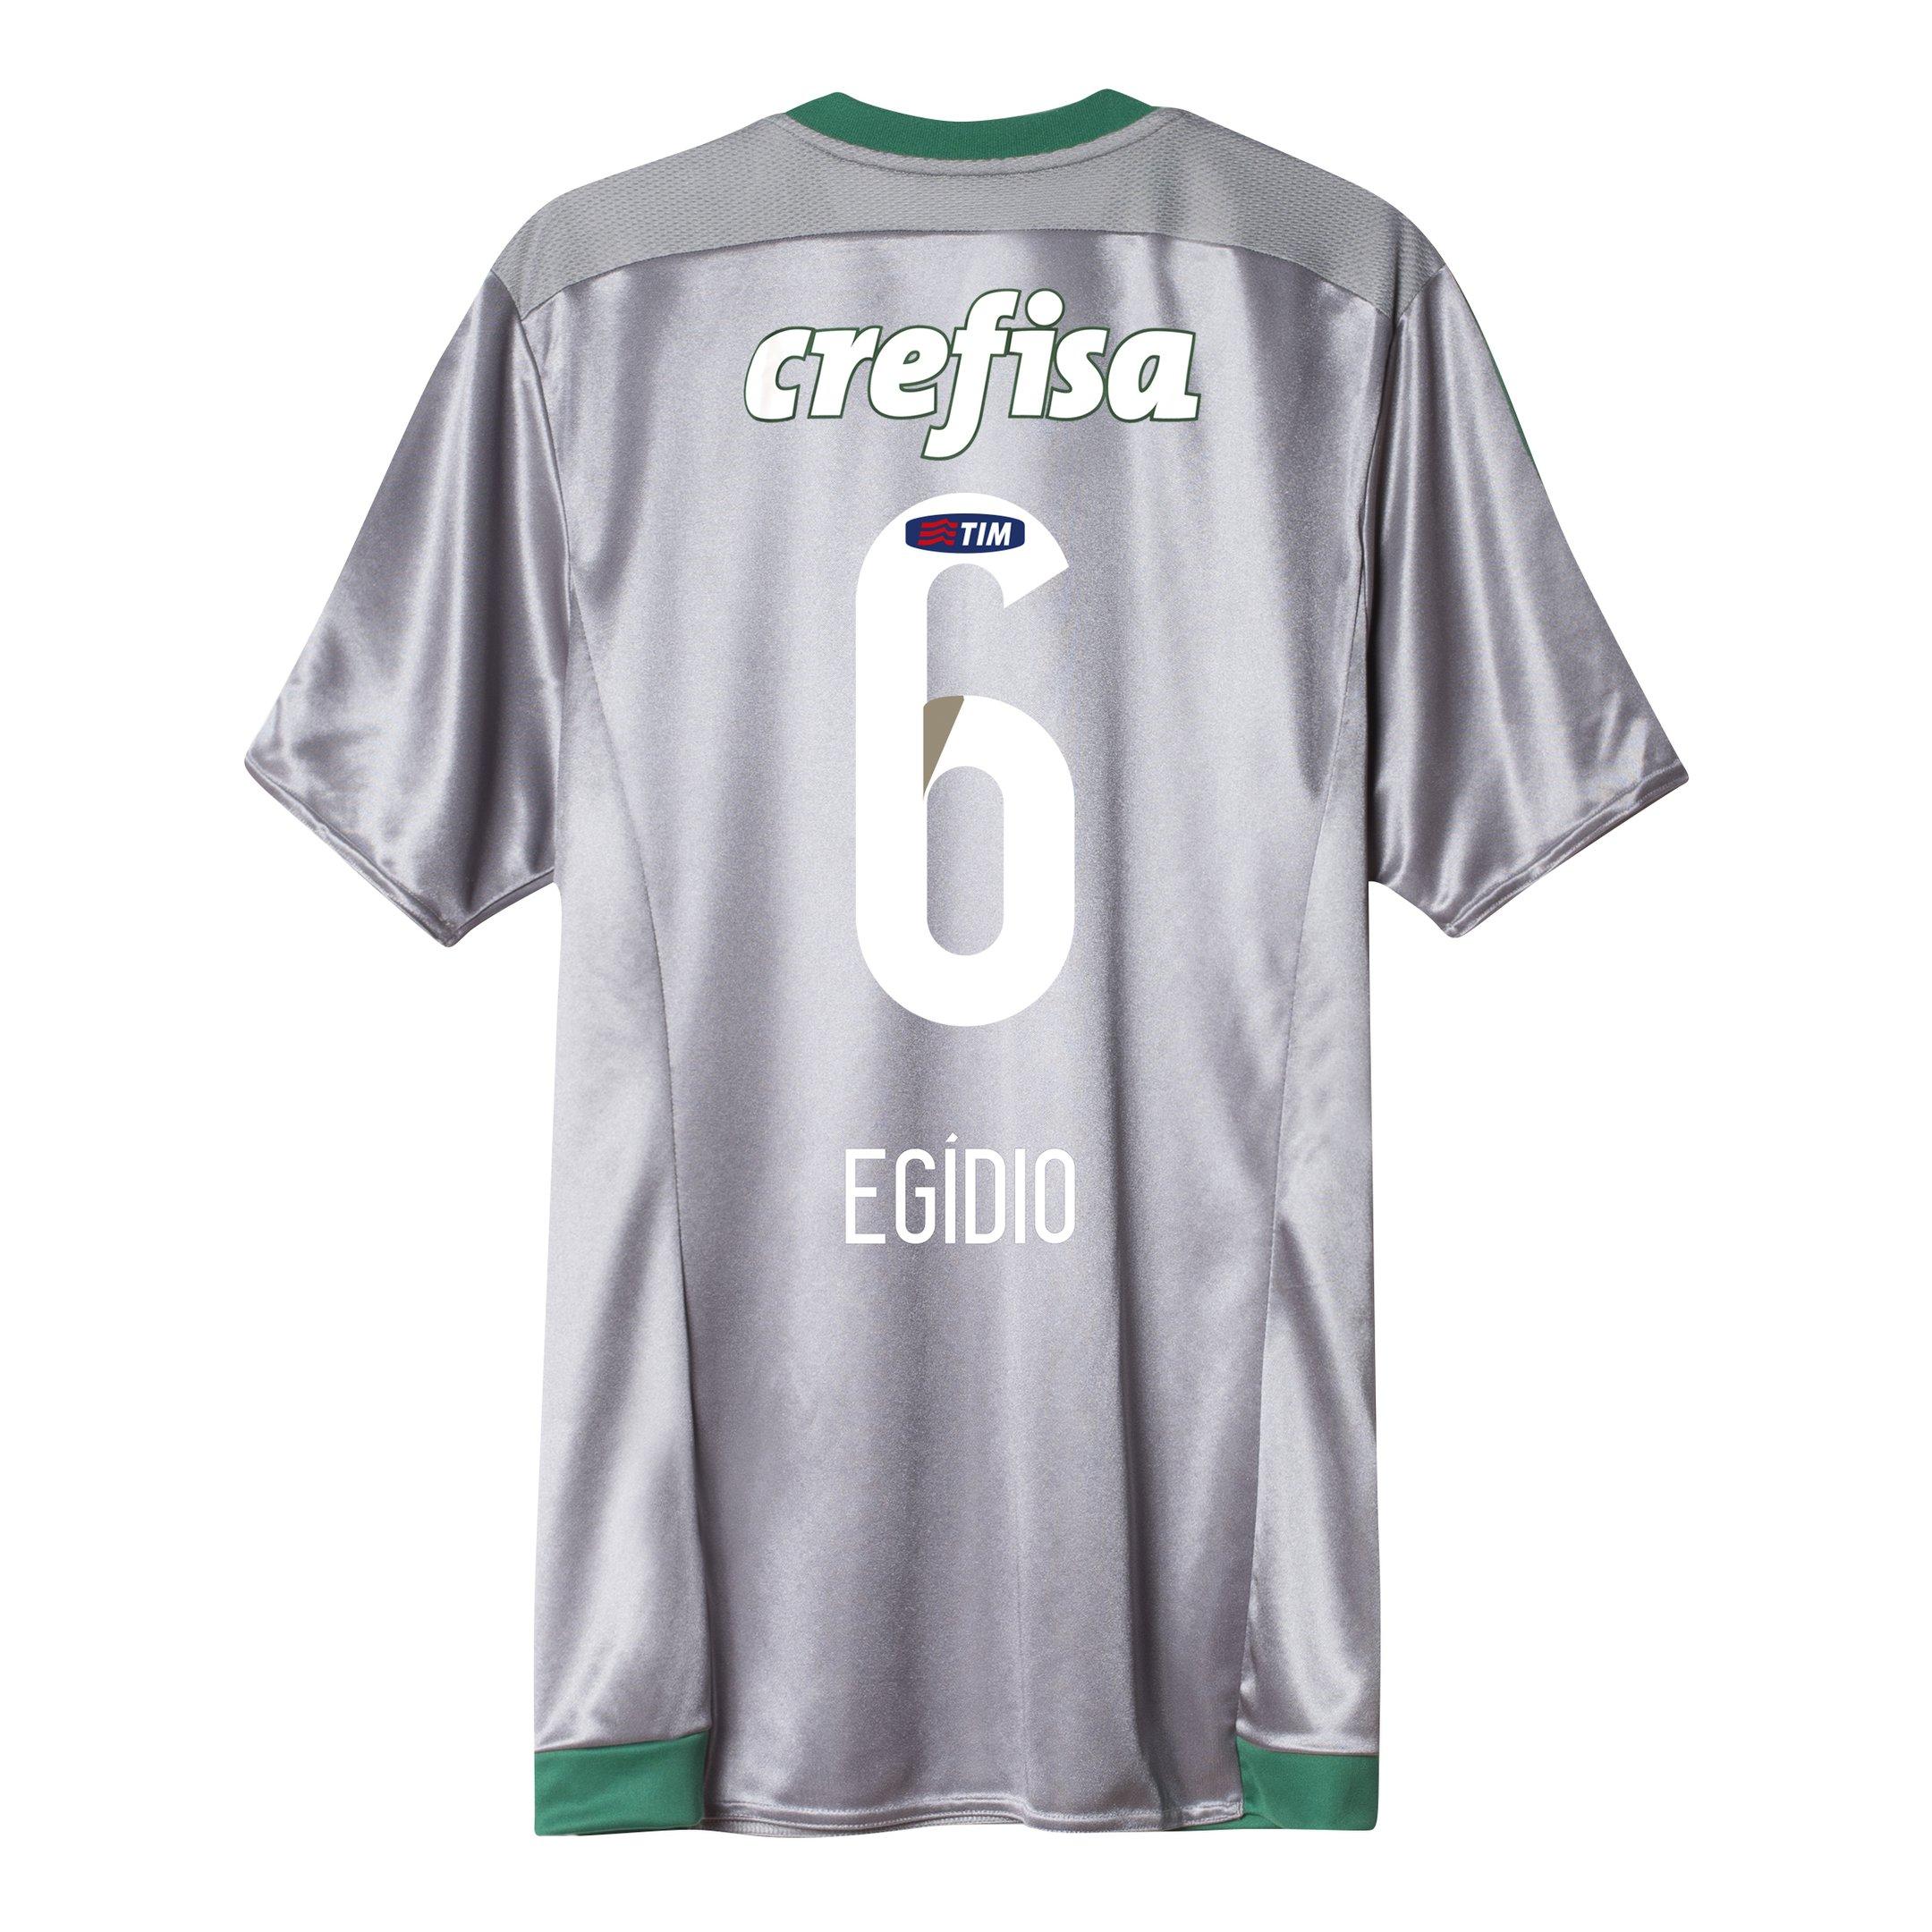 Camisa Adidas Palmeiras III 15 16 nº 6 - Egídio - Compre Agora ... 3e1eddeb9b75a